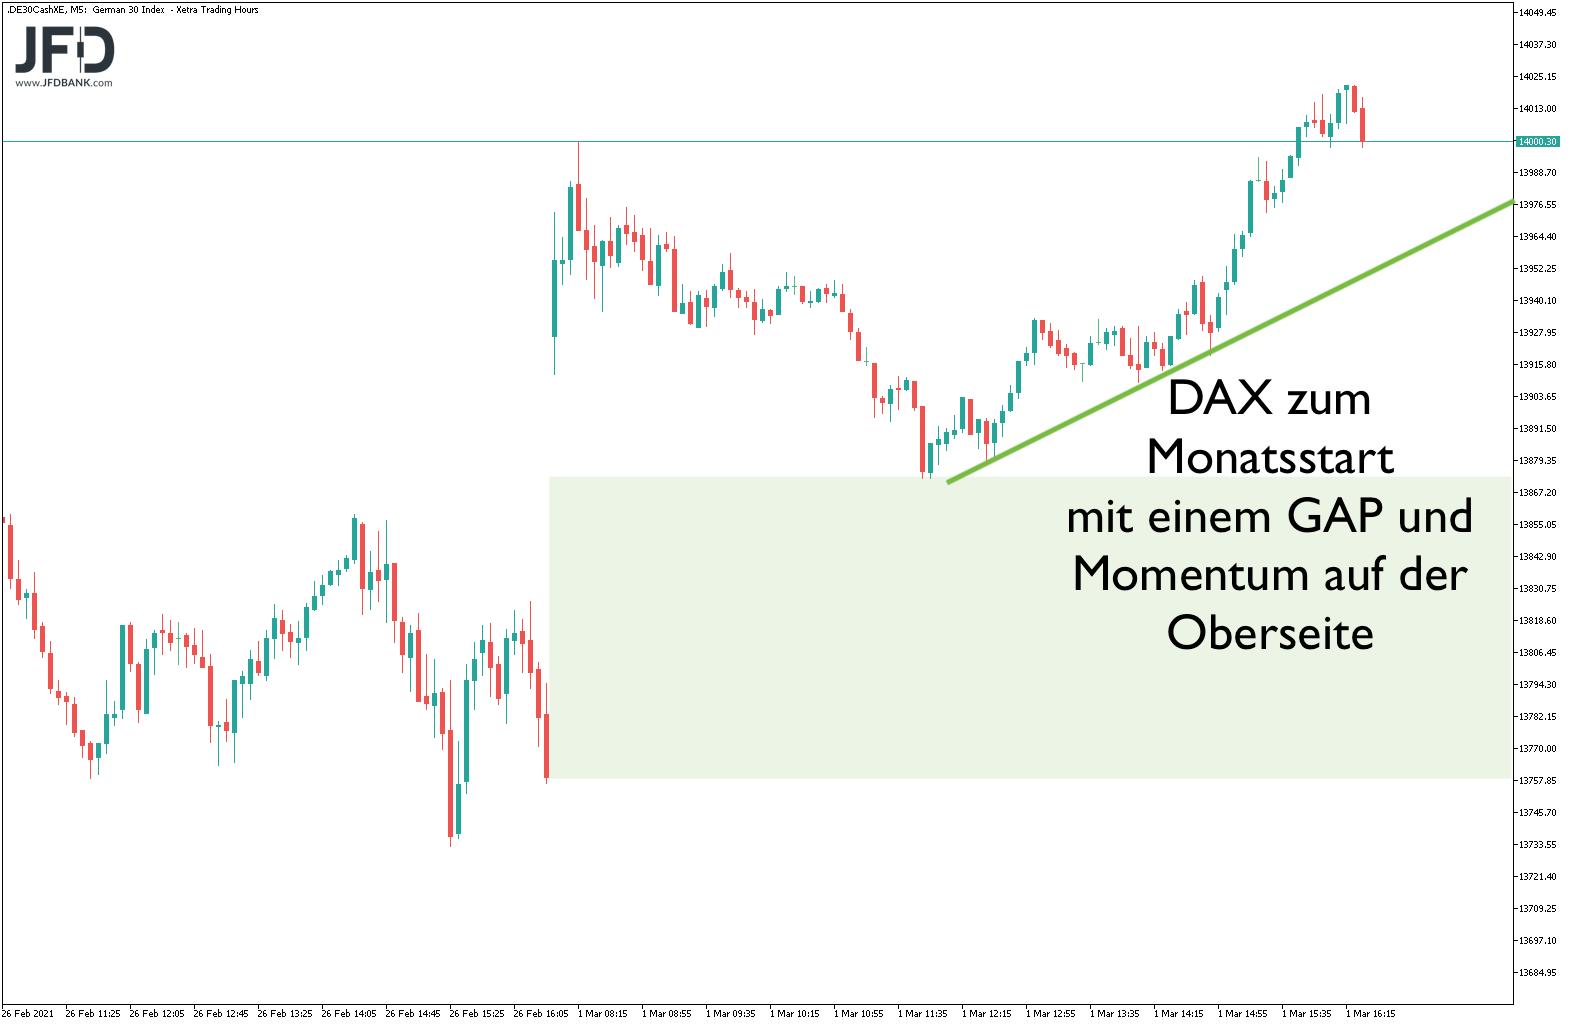 Scheitert-der-DAX-erneut-an-der-14-000-Kommentar-JFD-Bank-GodmodeTrader.de-1